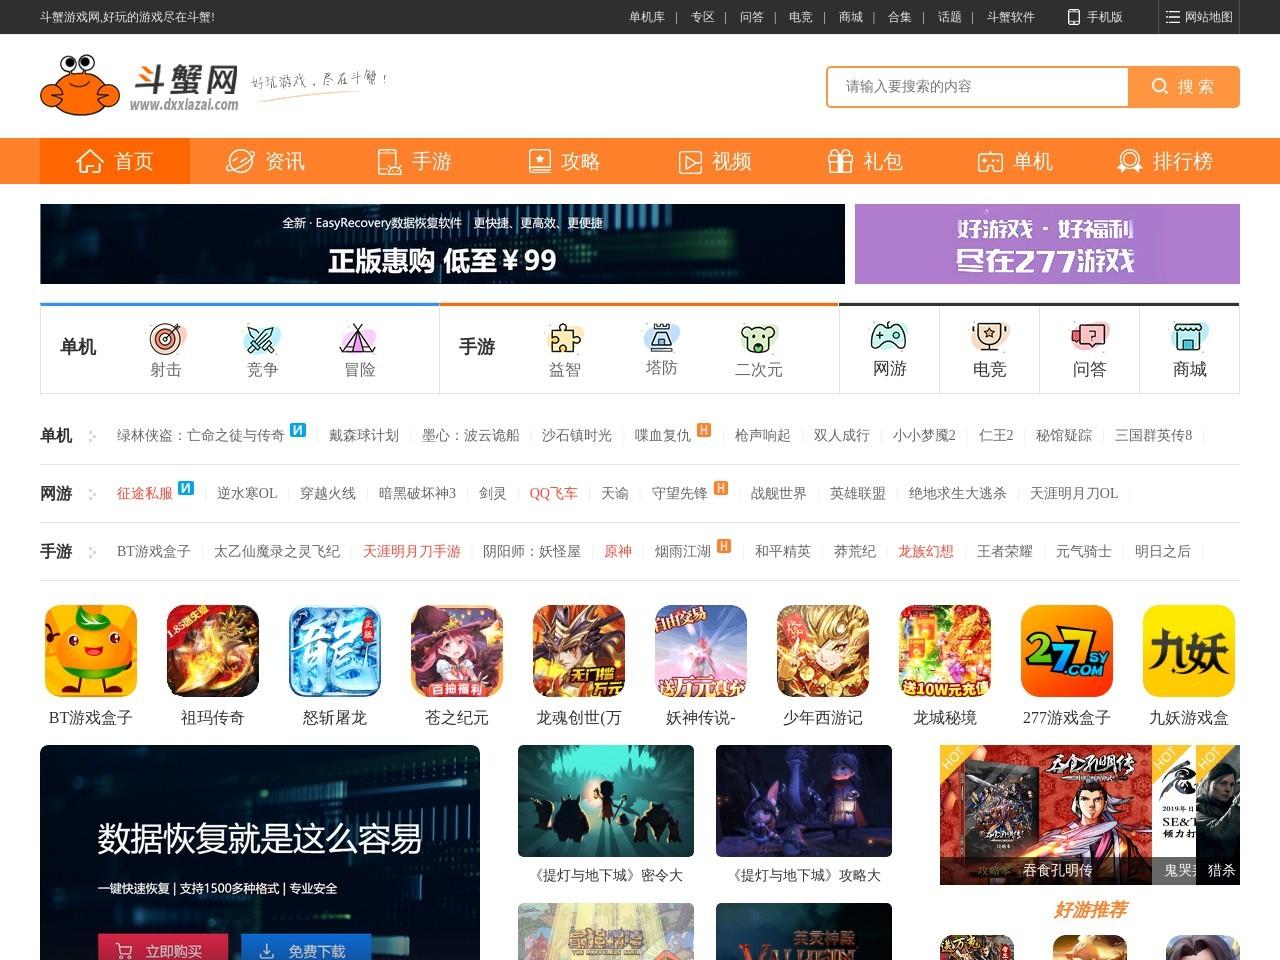 www.douxie.com的网站截图